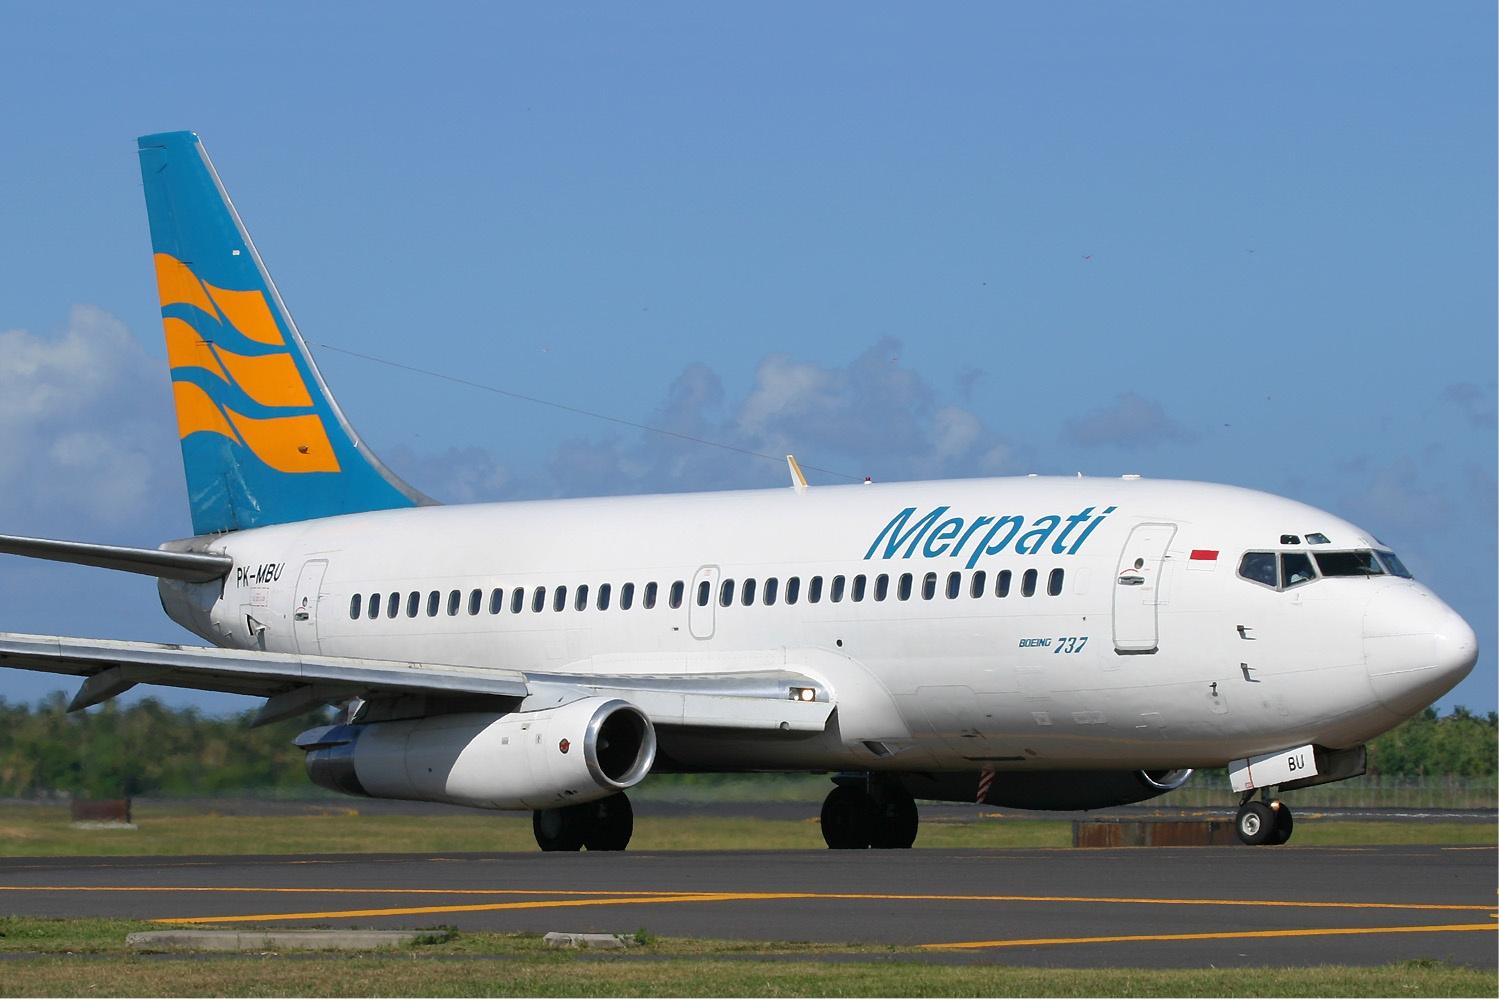 http://4.bp.blogspot.com/-kz7baWfiwG8/UCPMQVOZaEI/AAAAAAAAK_k/cFllwOyAtTw/s1600/boeing_737-200_merpati.jpg